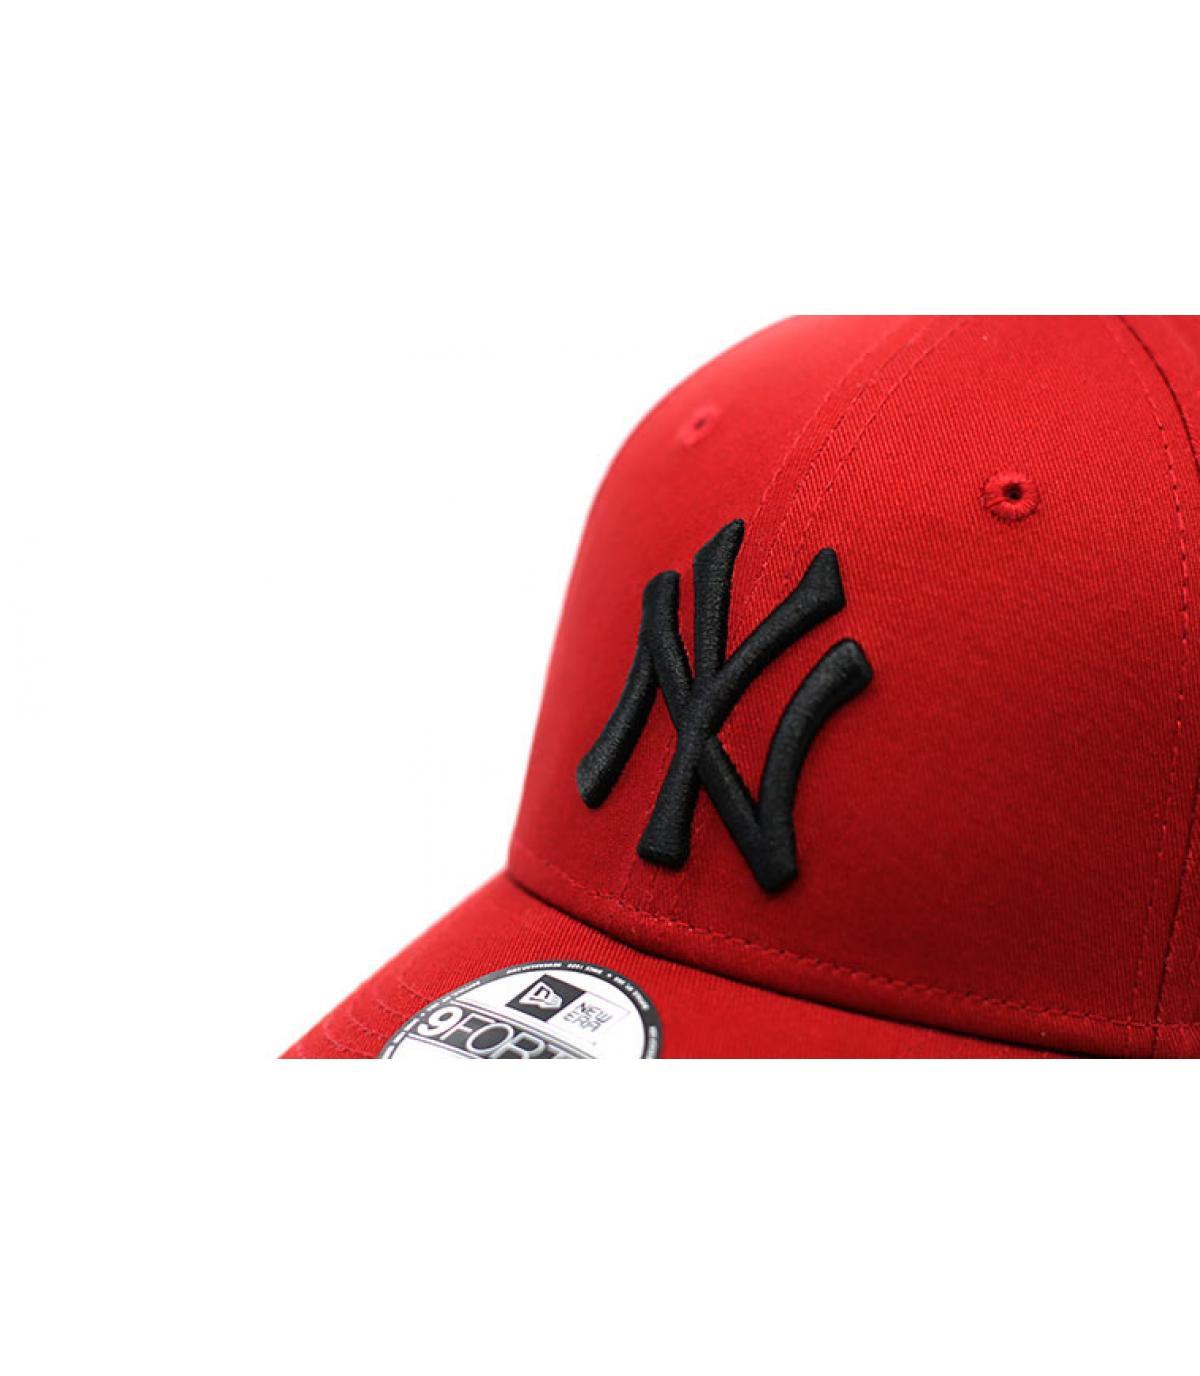 Détails Casquette Kids League Ess NY 9Forty hot red black - image 3